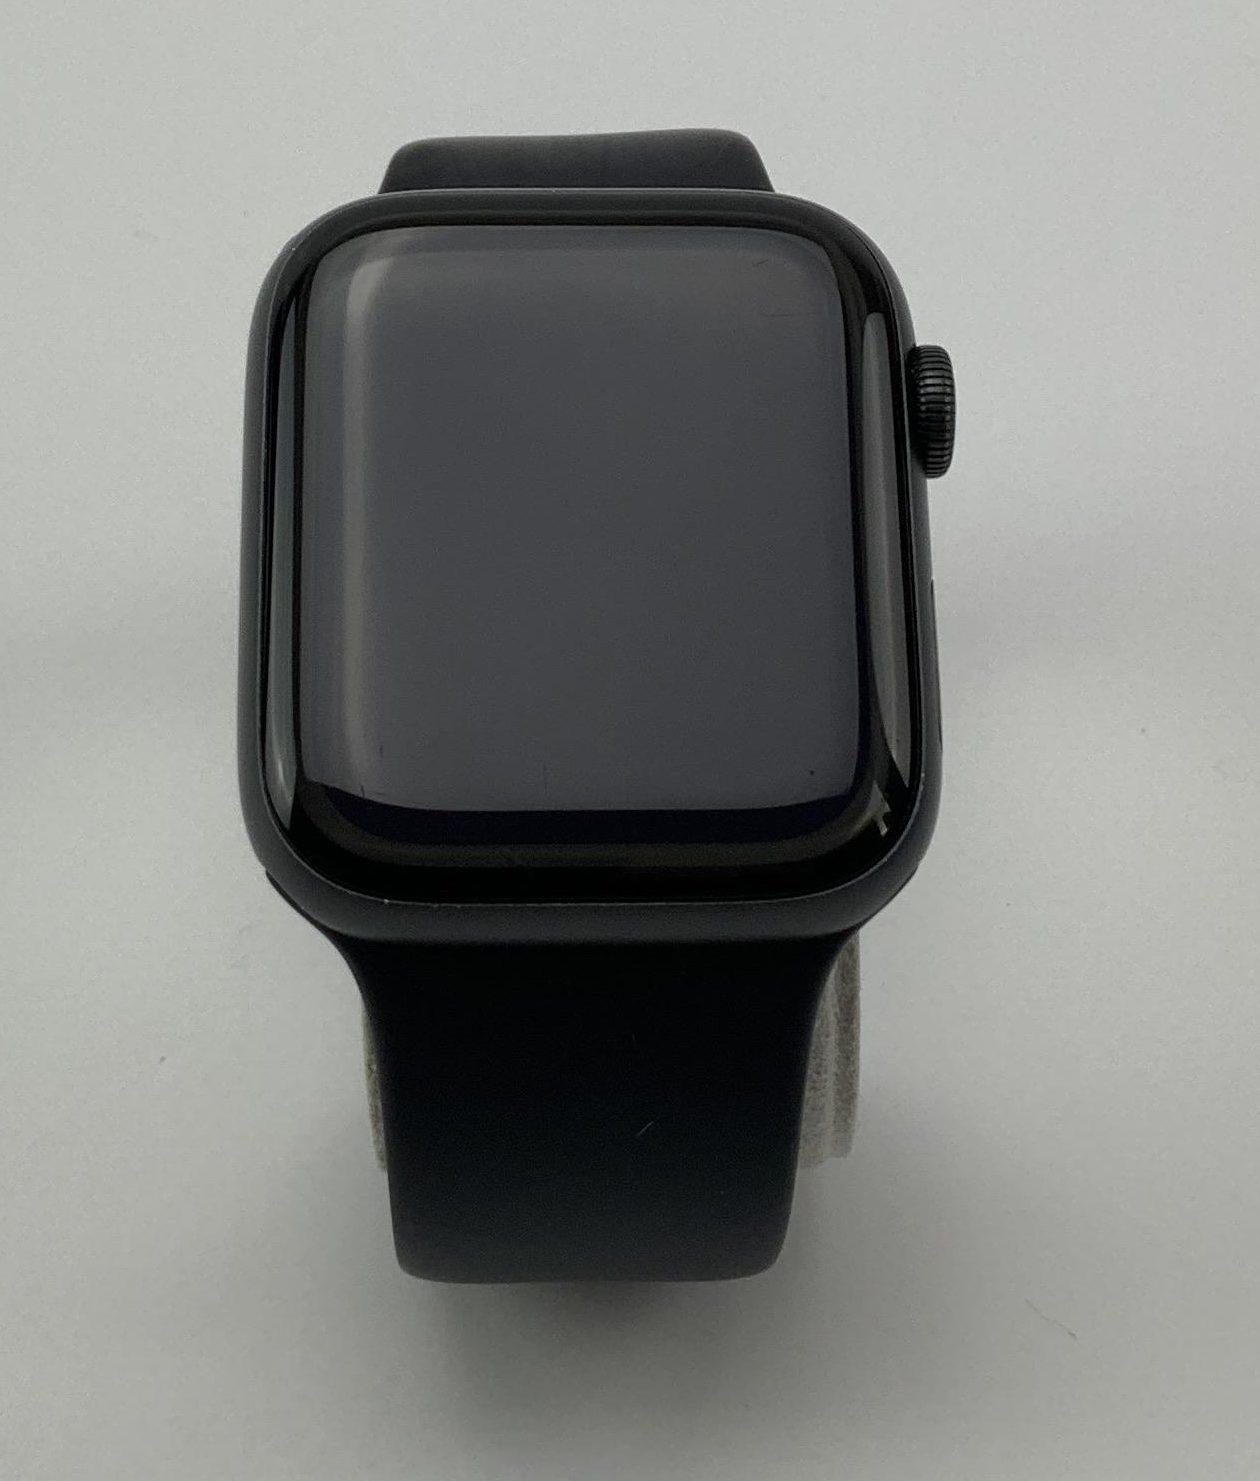 Watch Series 5 Aluminum (44mm), Space Gray, imagen 1